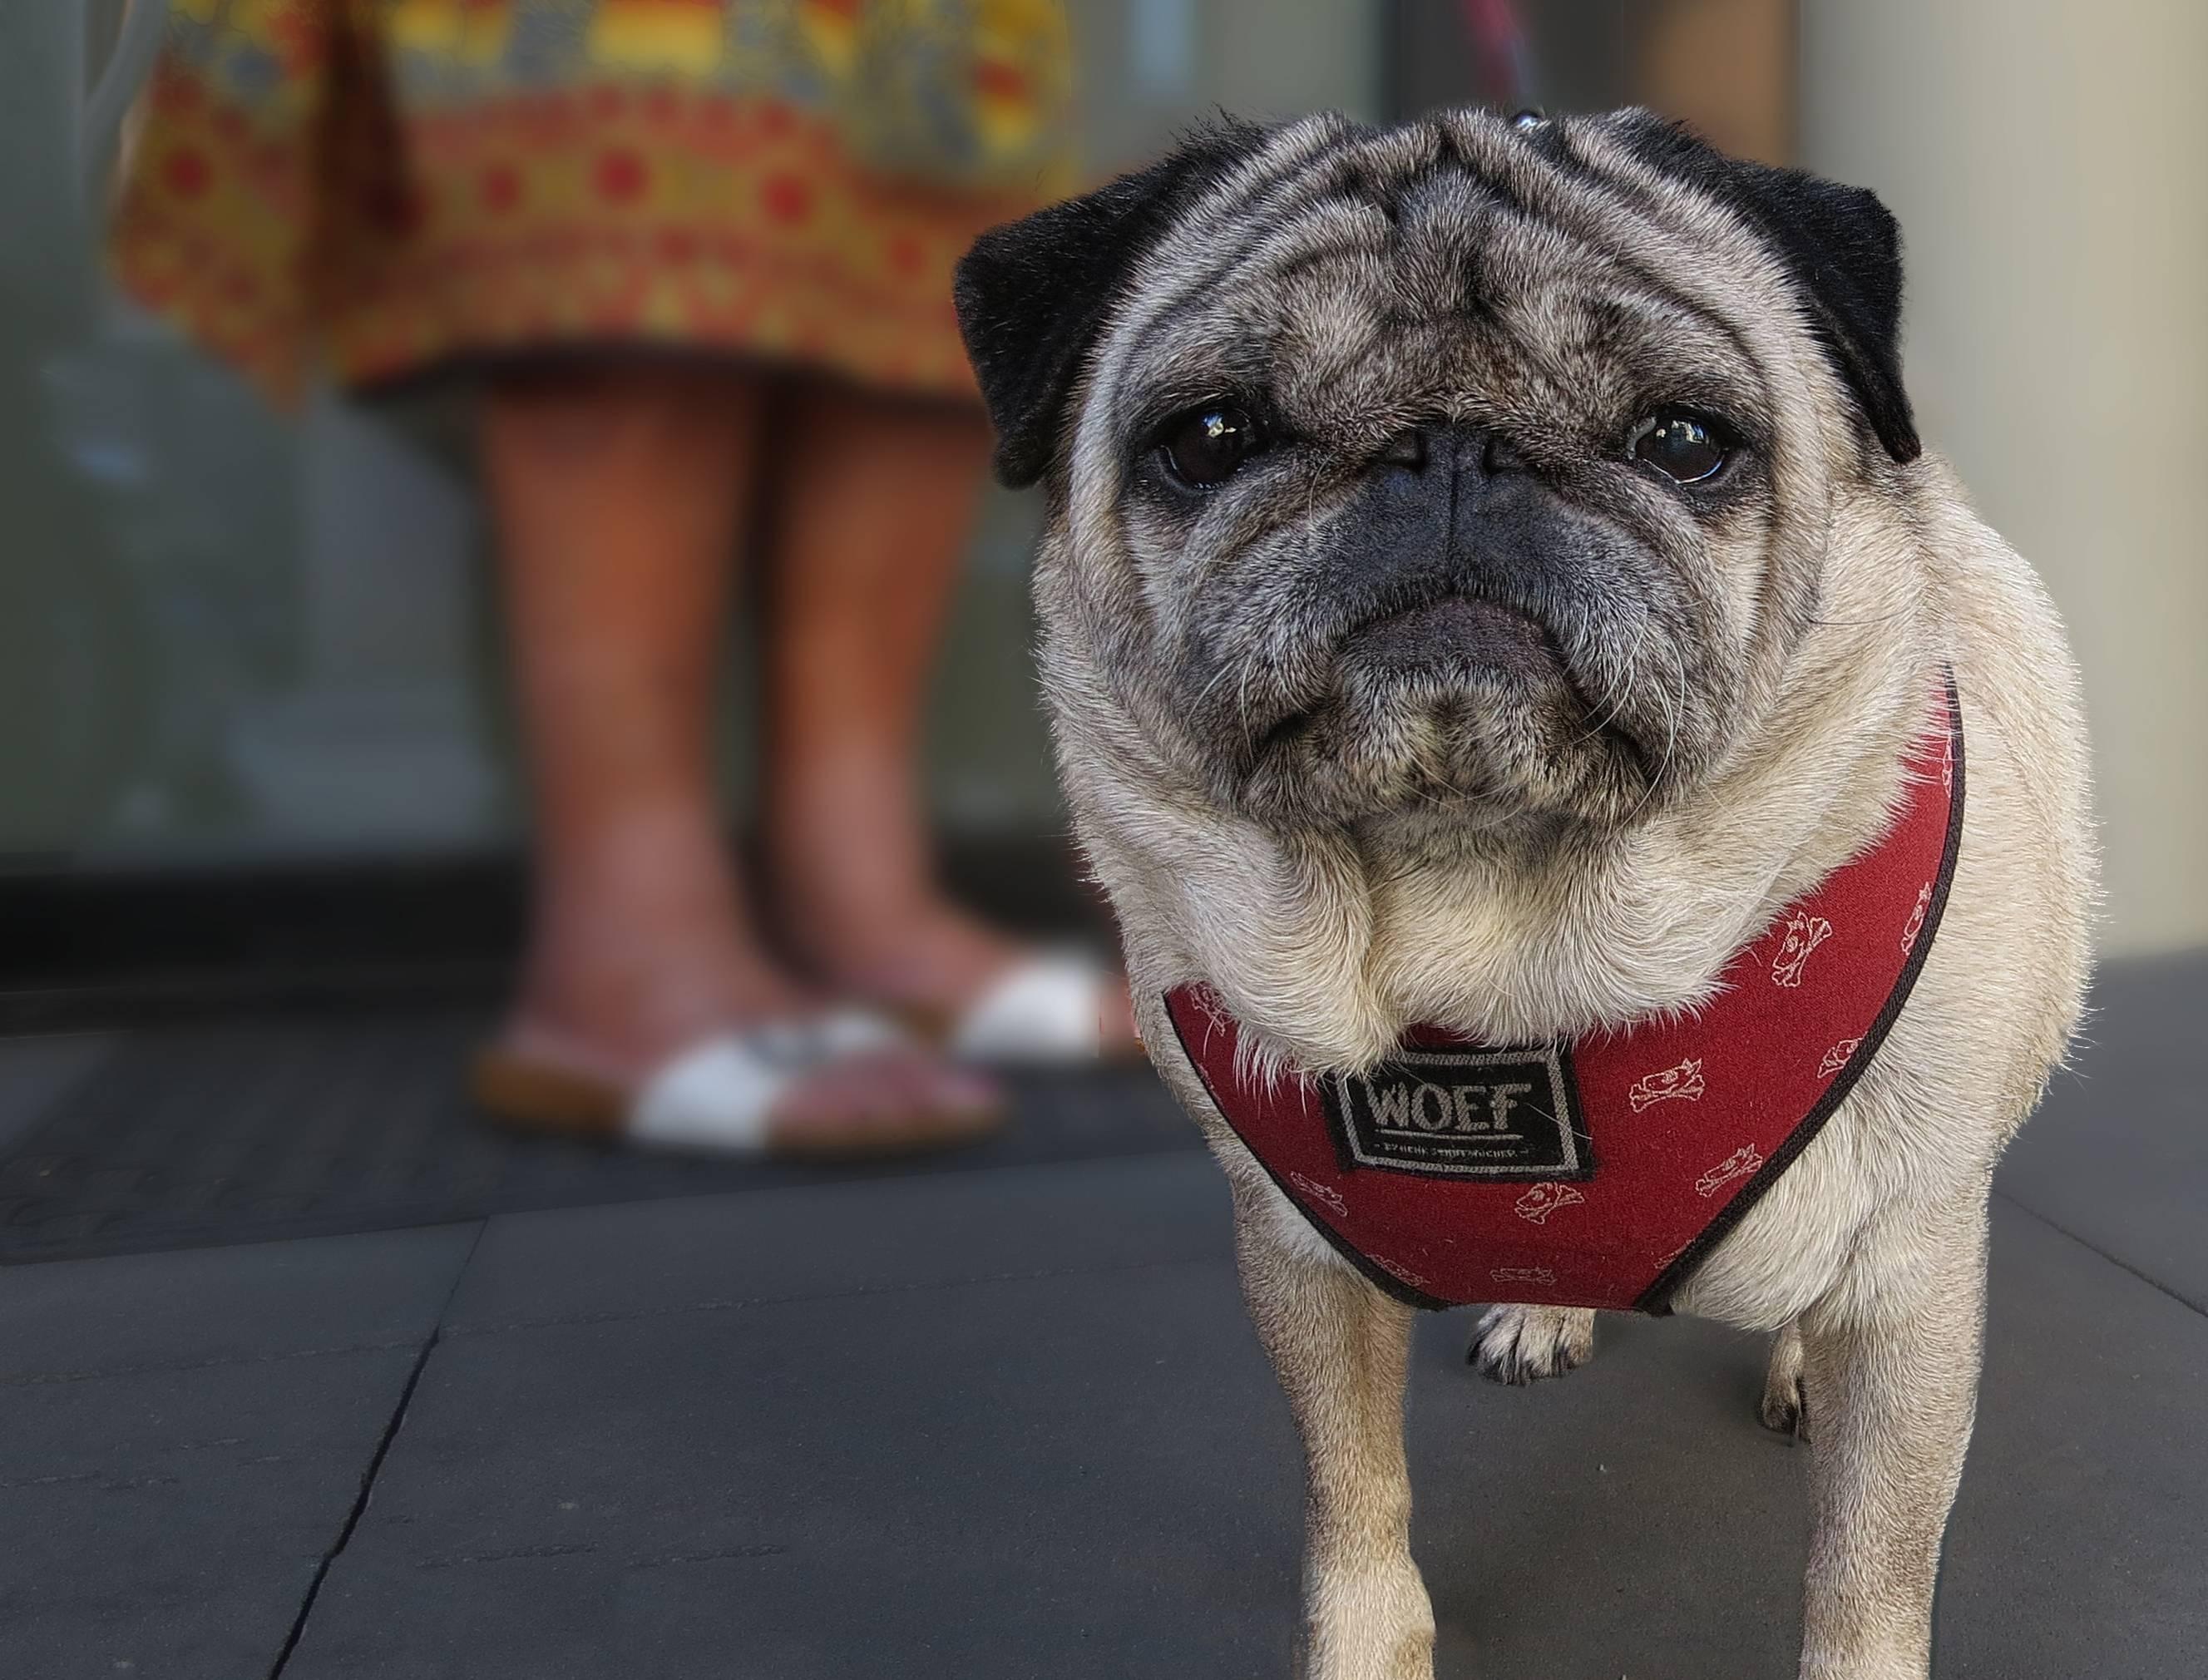 Клички для мопсов мальчиков и девочек: как назвать собаку, правила и рекомендации по выбору имени, а также самые популярные, красивые и веселые варианты